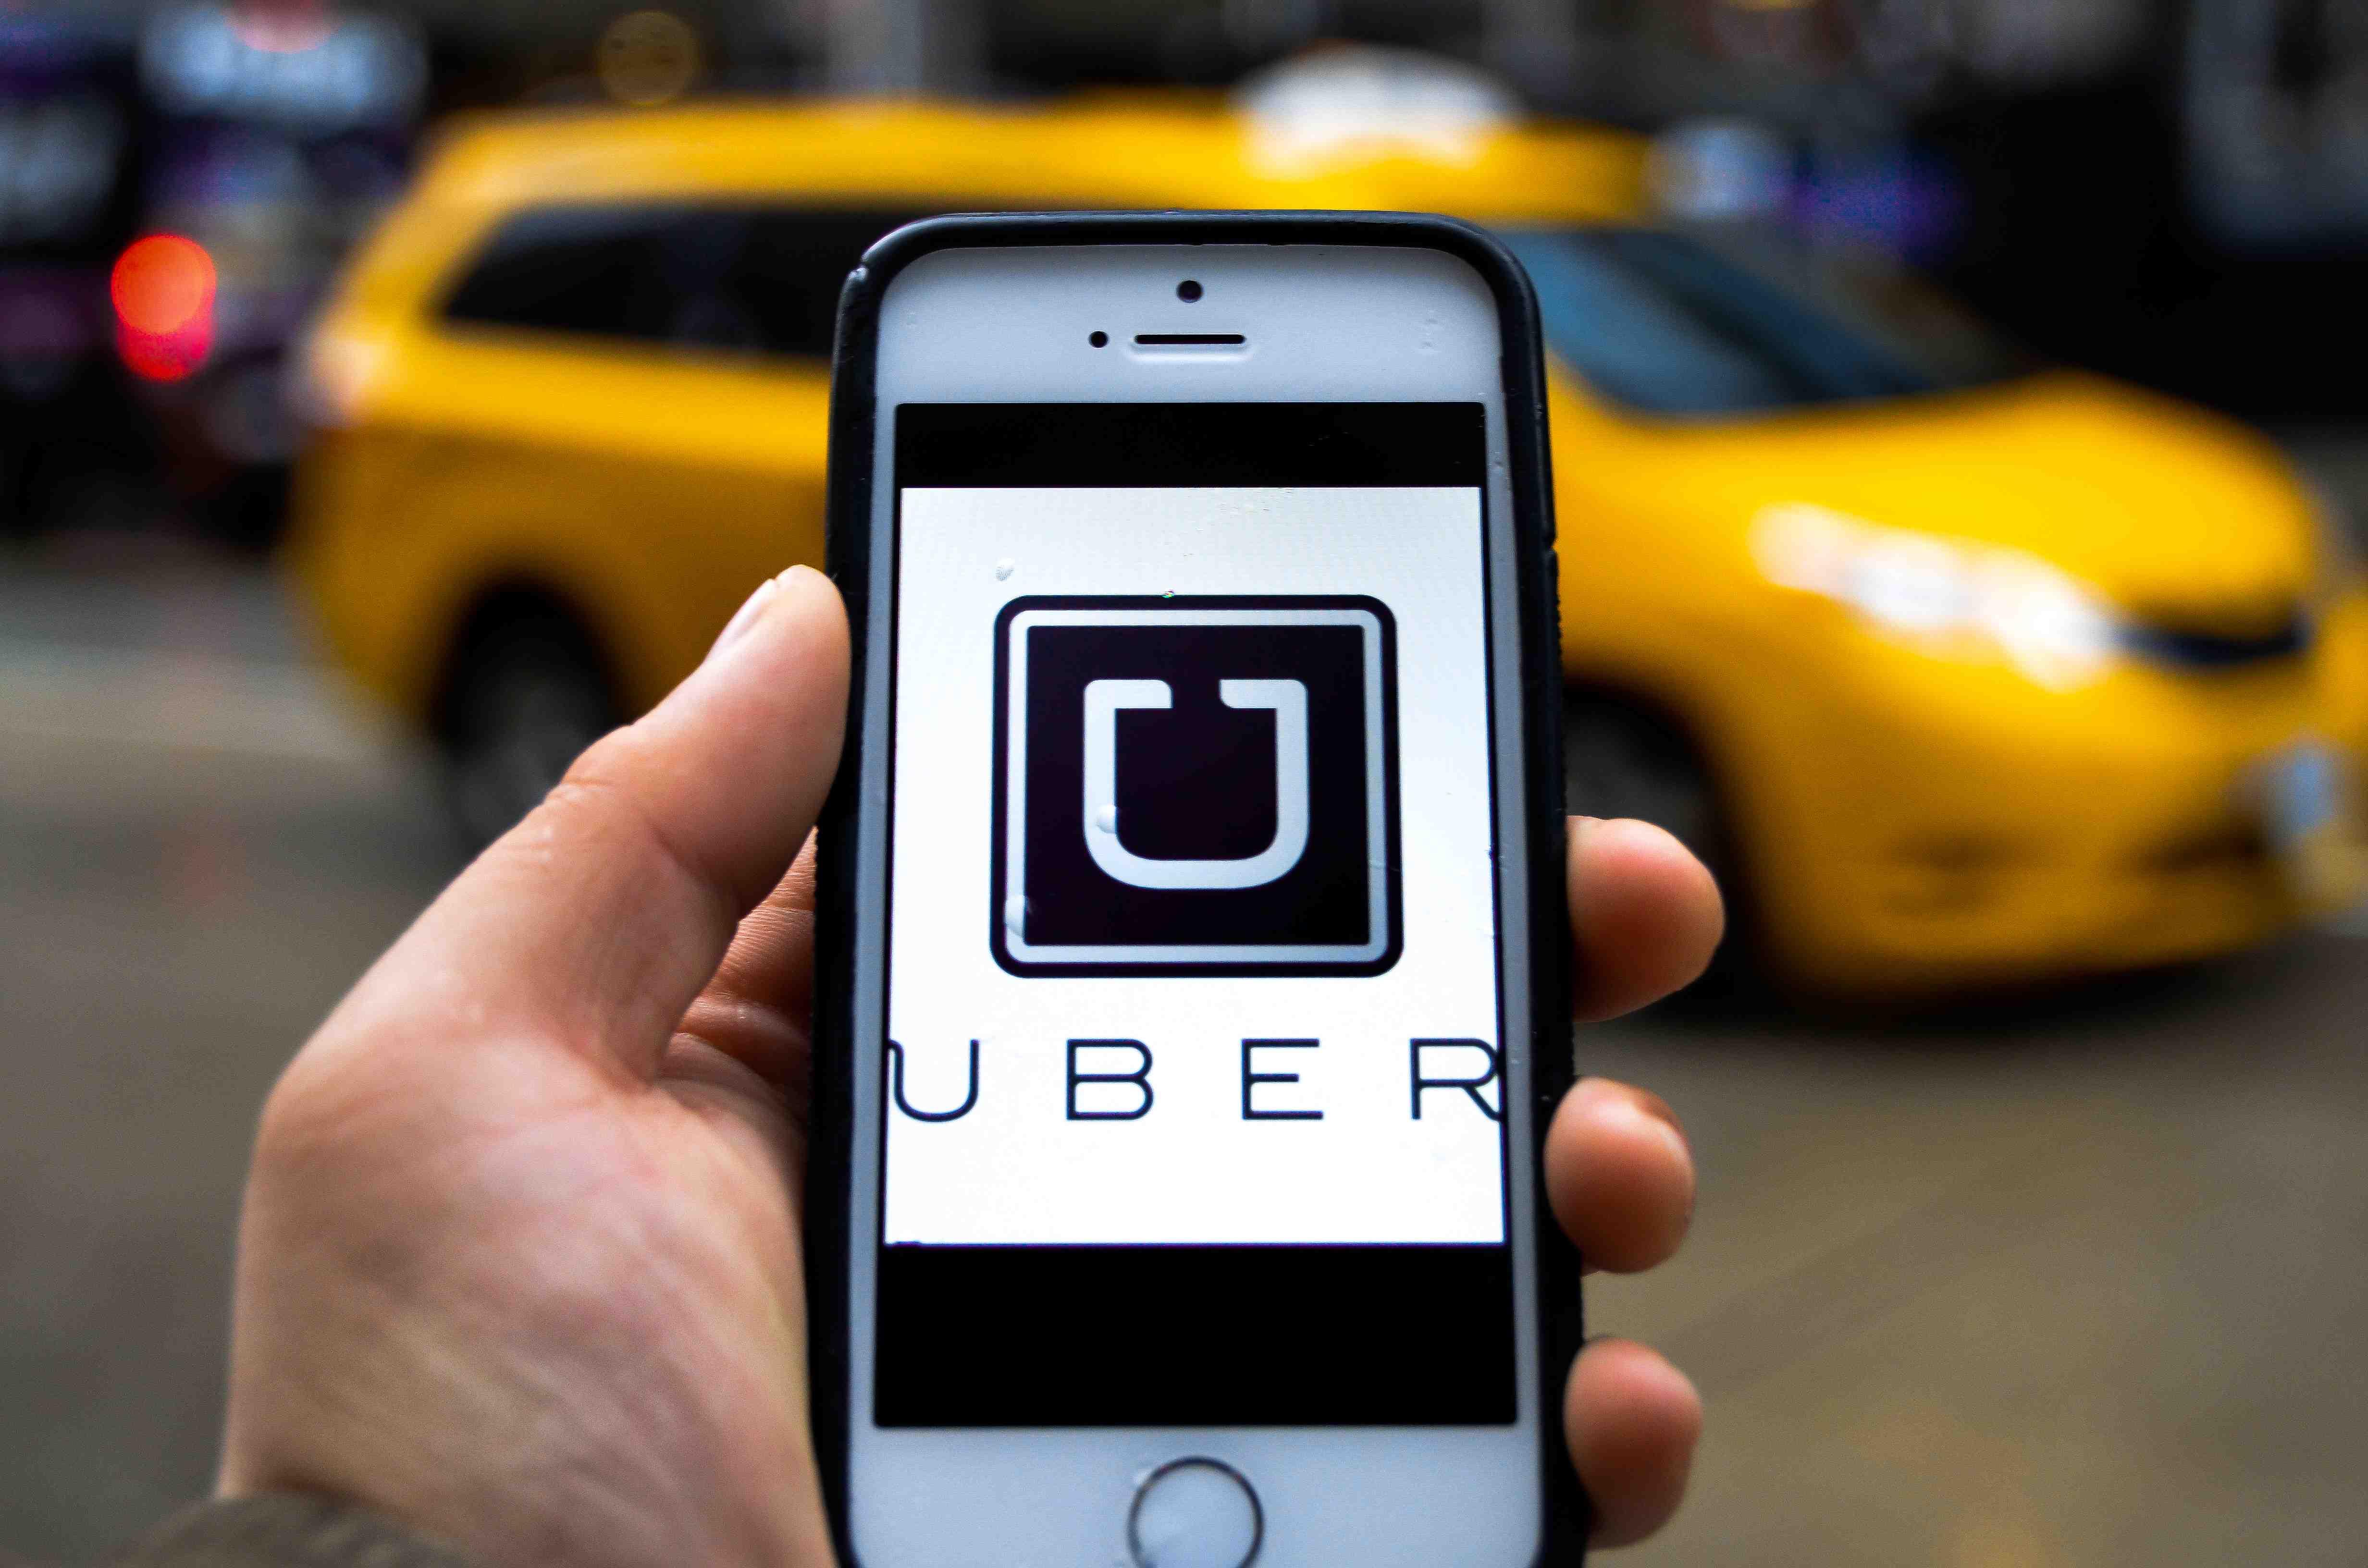 Quanto costa chiedere un Uber? 2